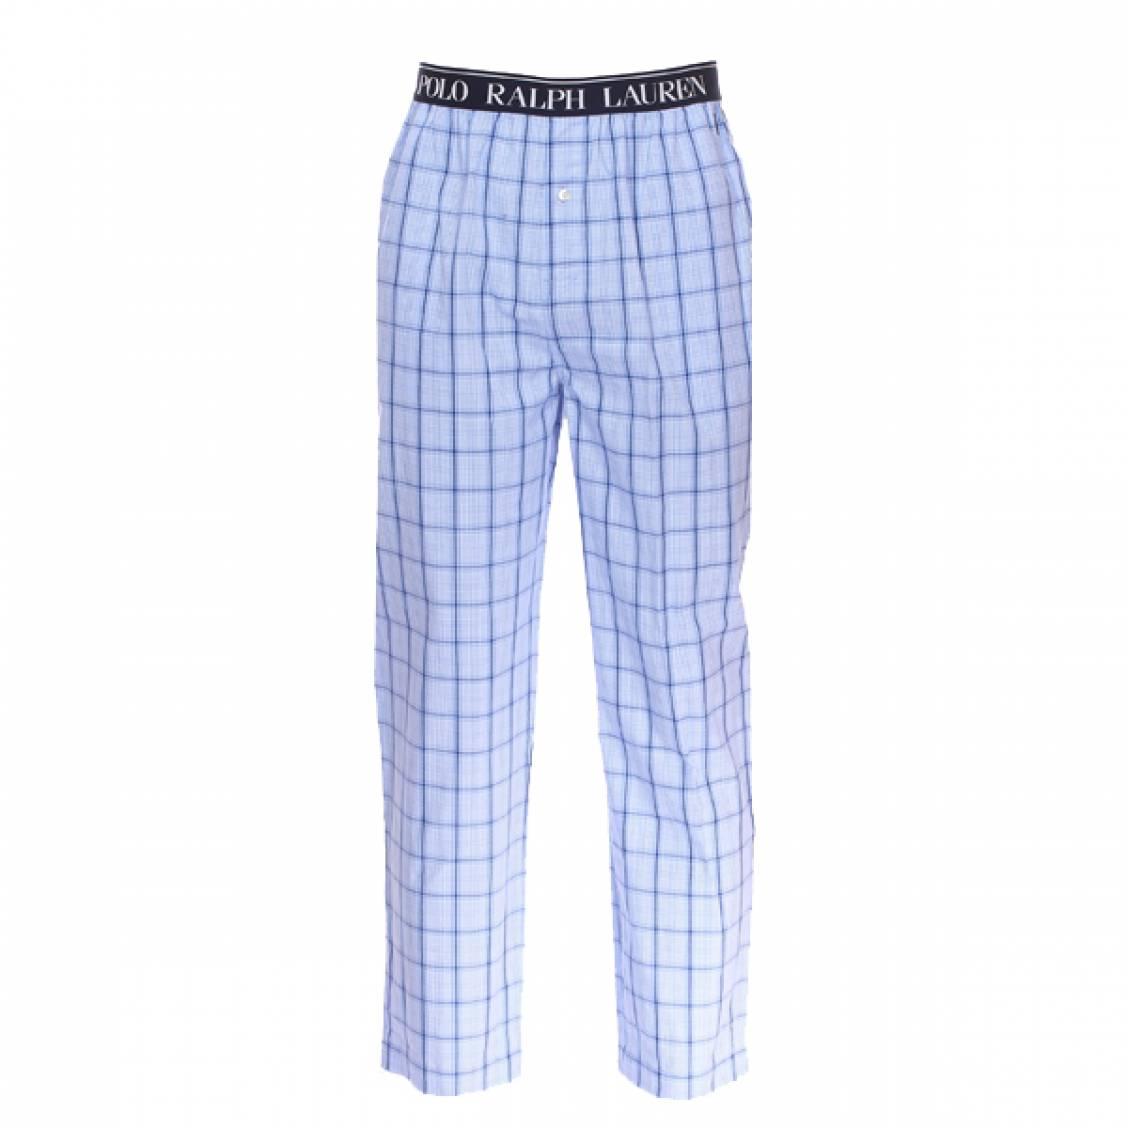 c8a1d3a721 Pantalon de pyjama Polo Ralph Lauren en popeline de coton bleu ciel à  carreaux bleu marine